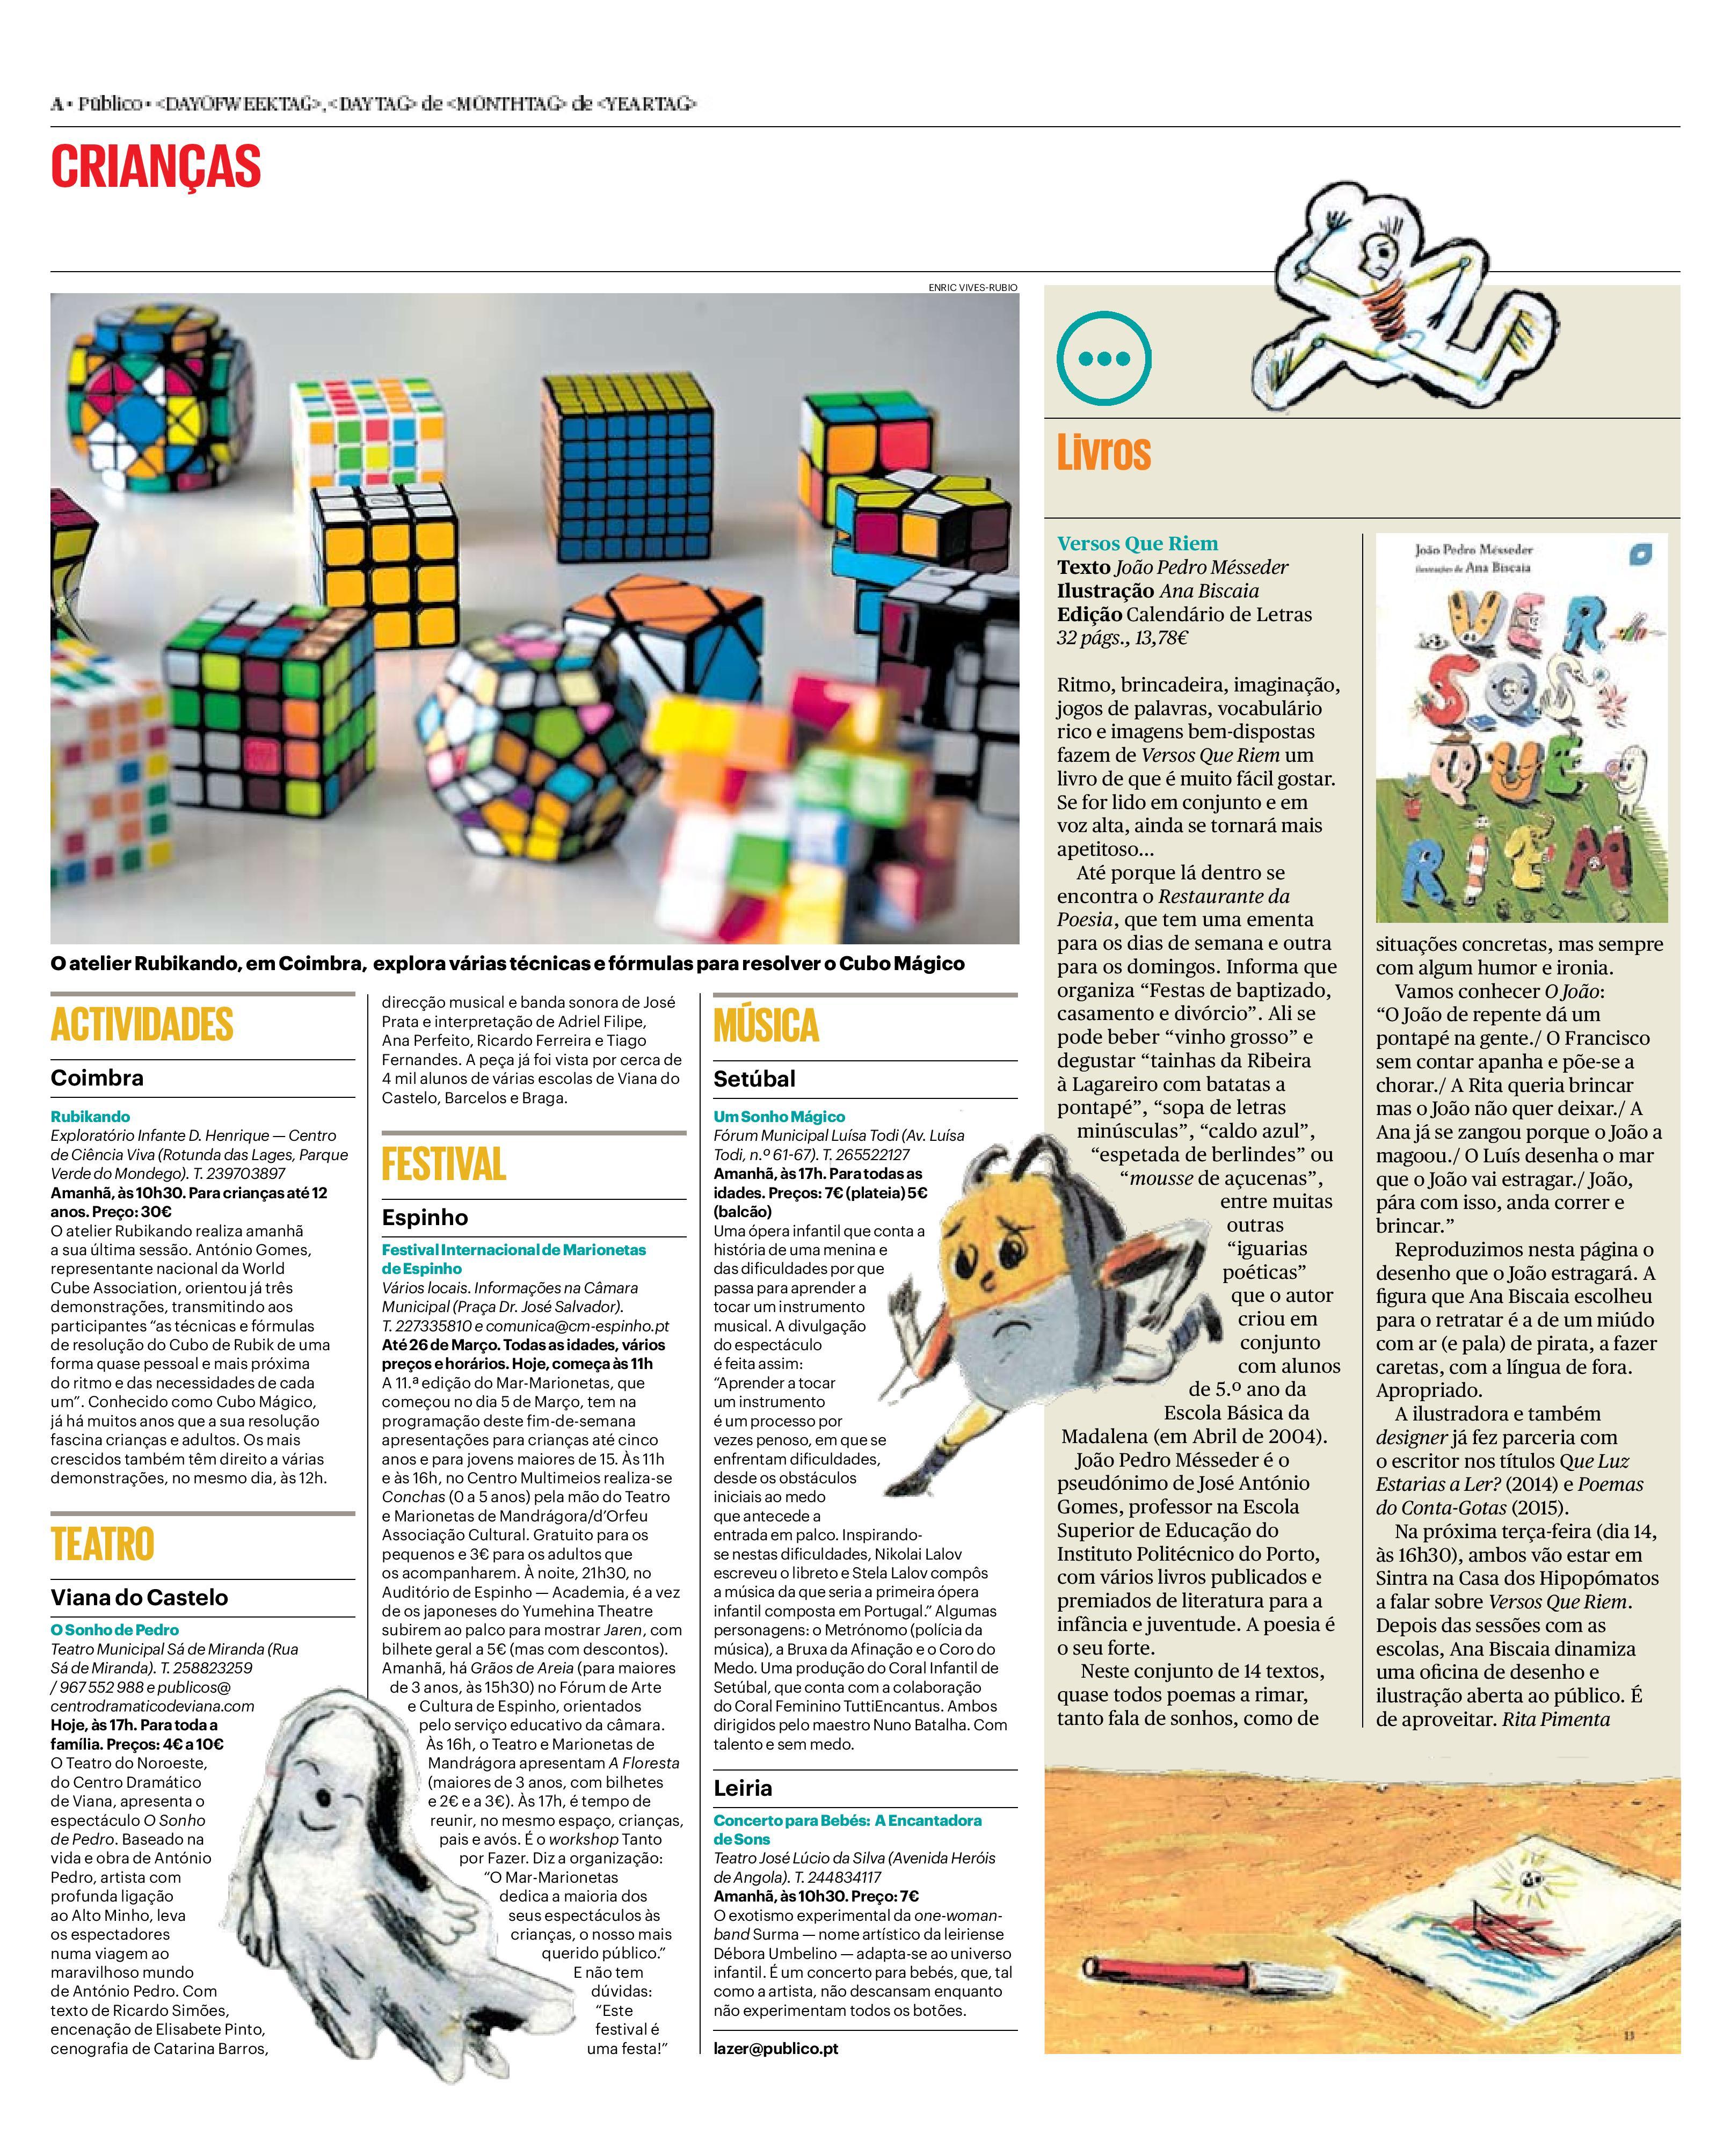 Crianças - 110317-page-001